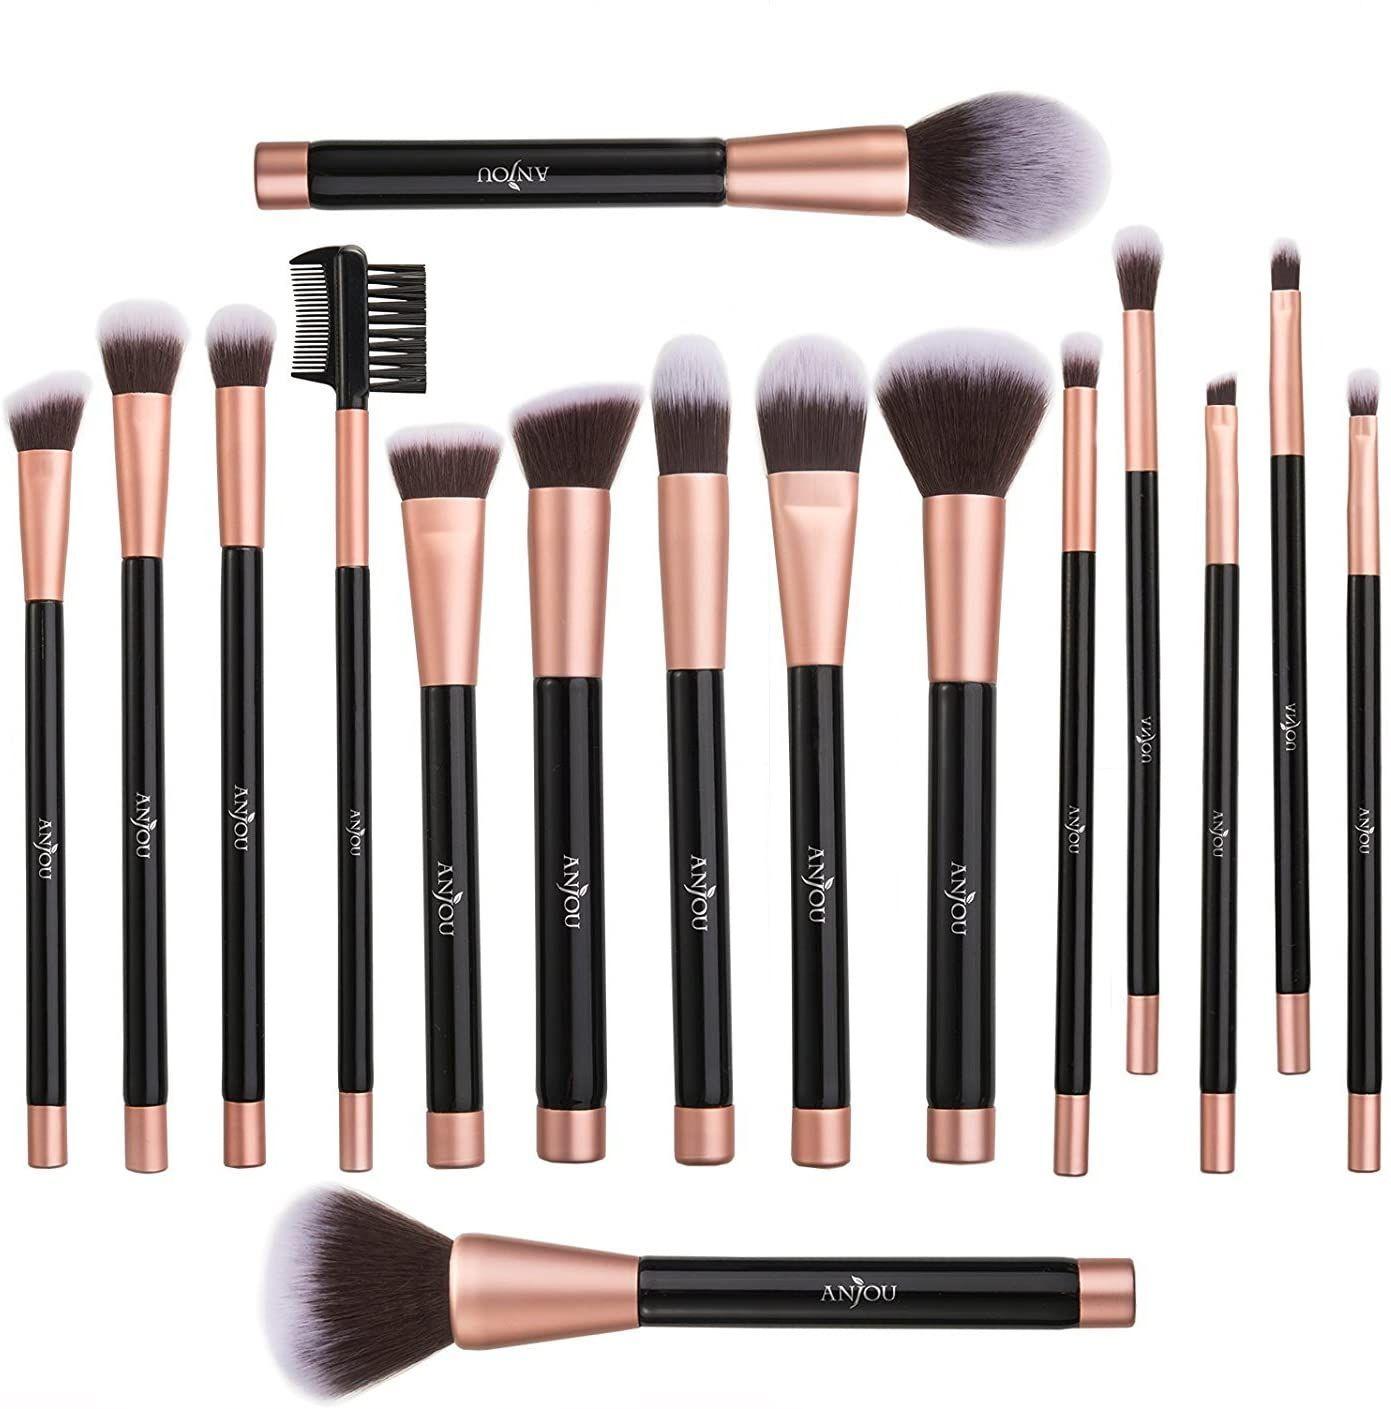 16 brochas de maquillaje aplicar cupon